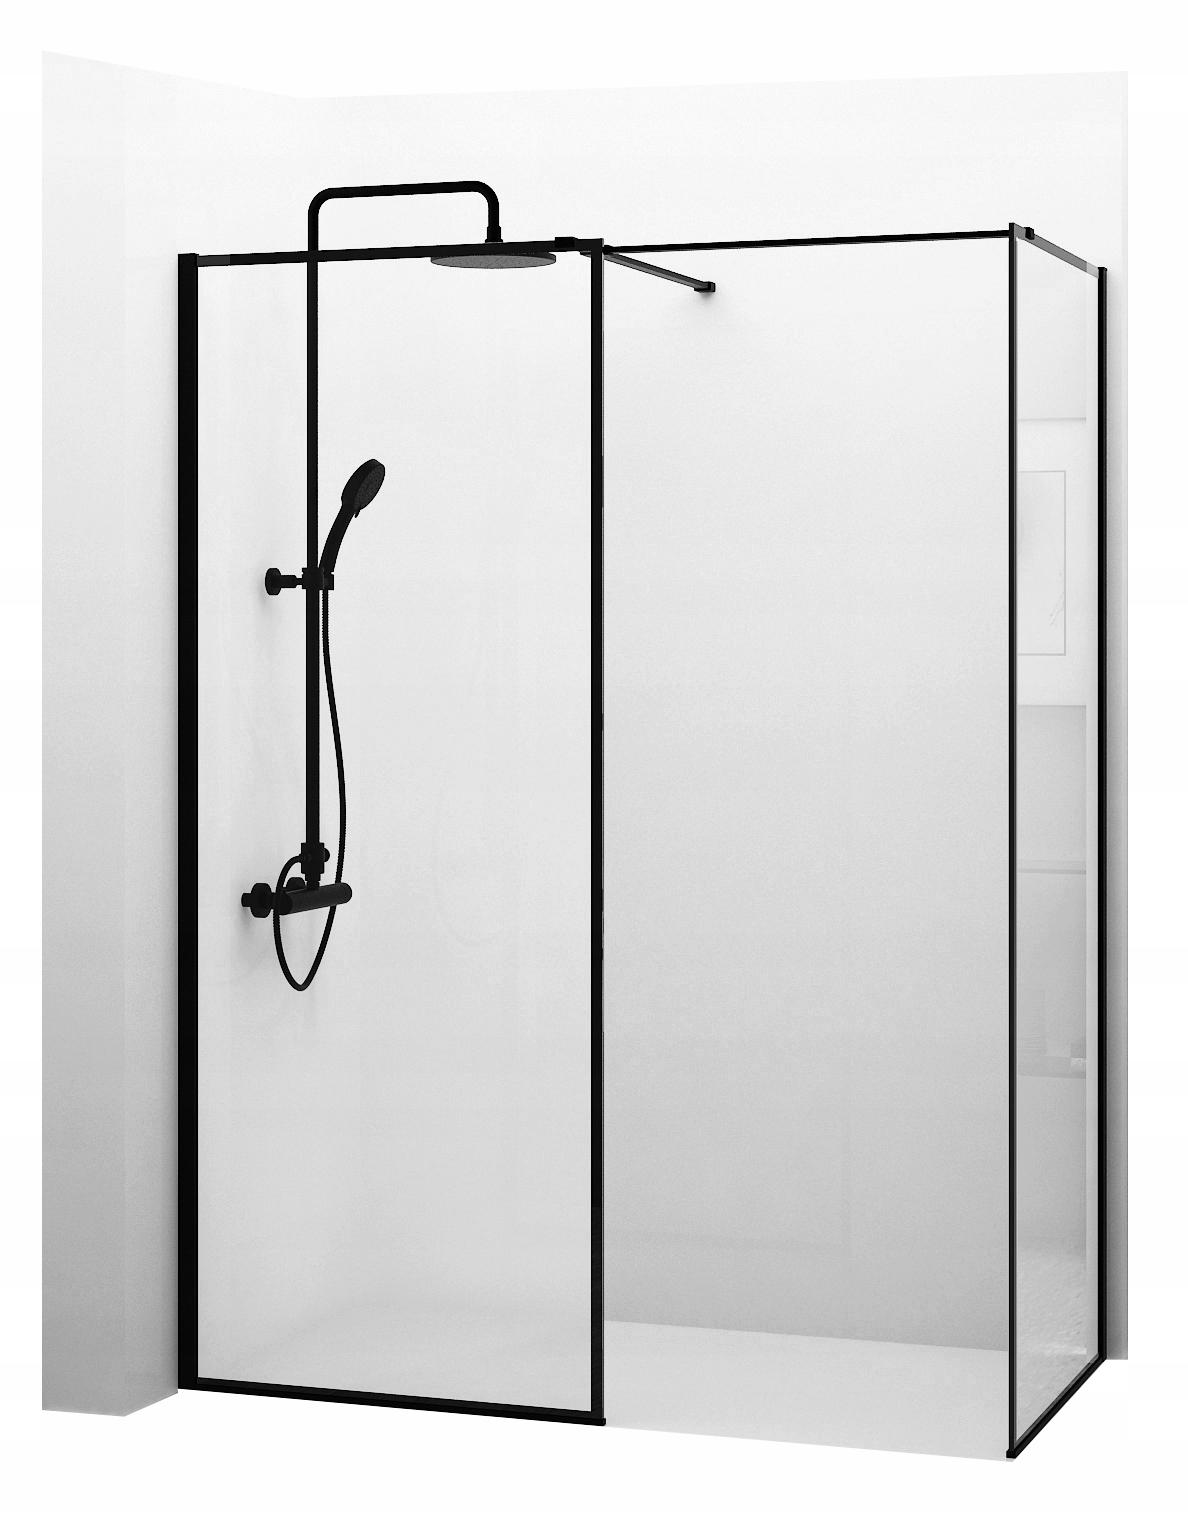 Sprcha CHODIŤ V 100x100 BLACK PROFILY